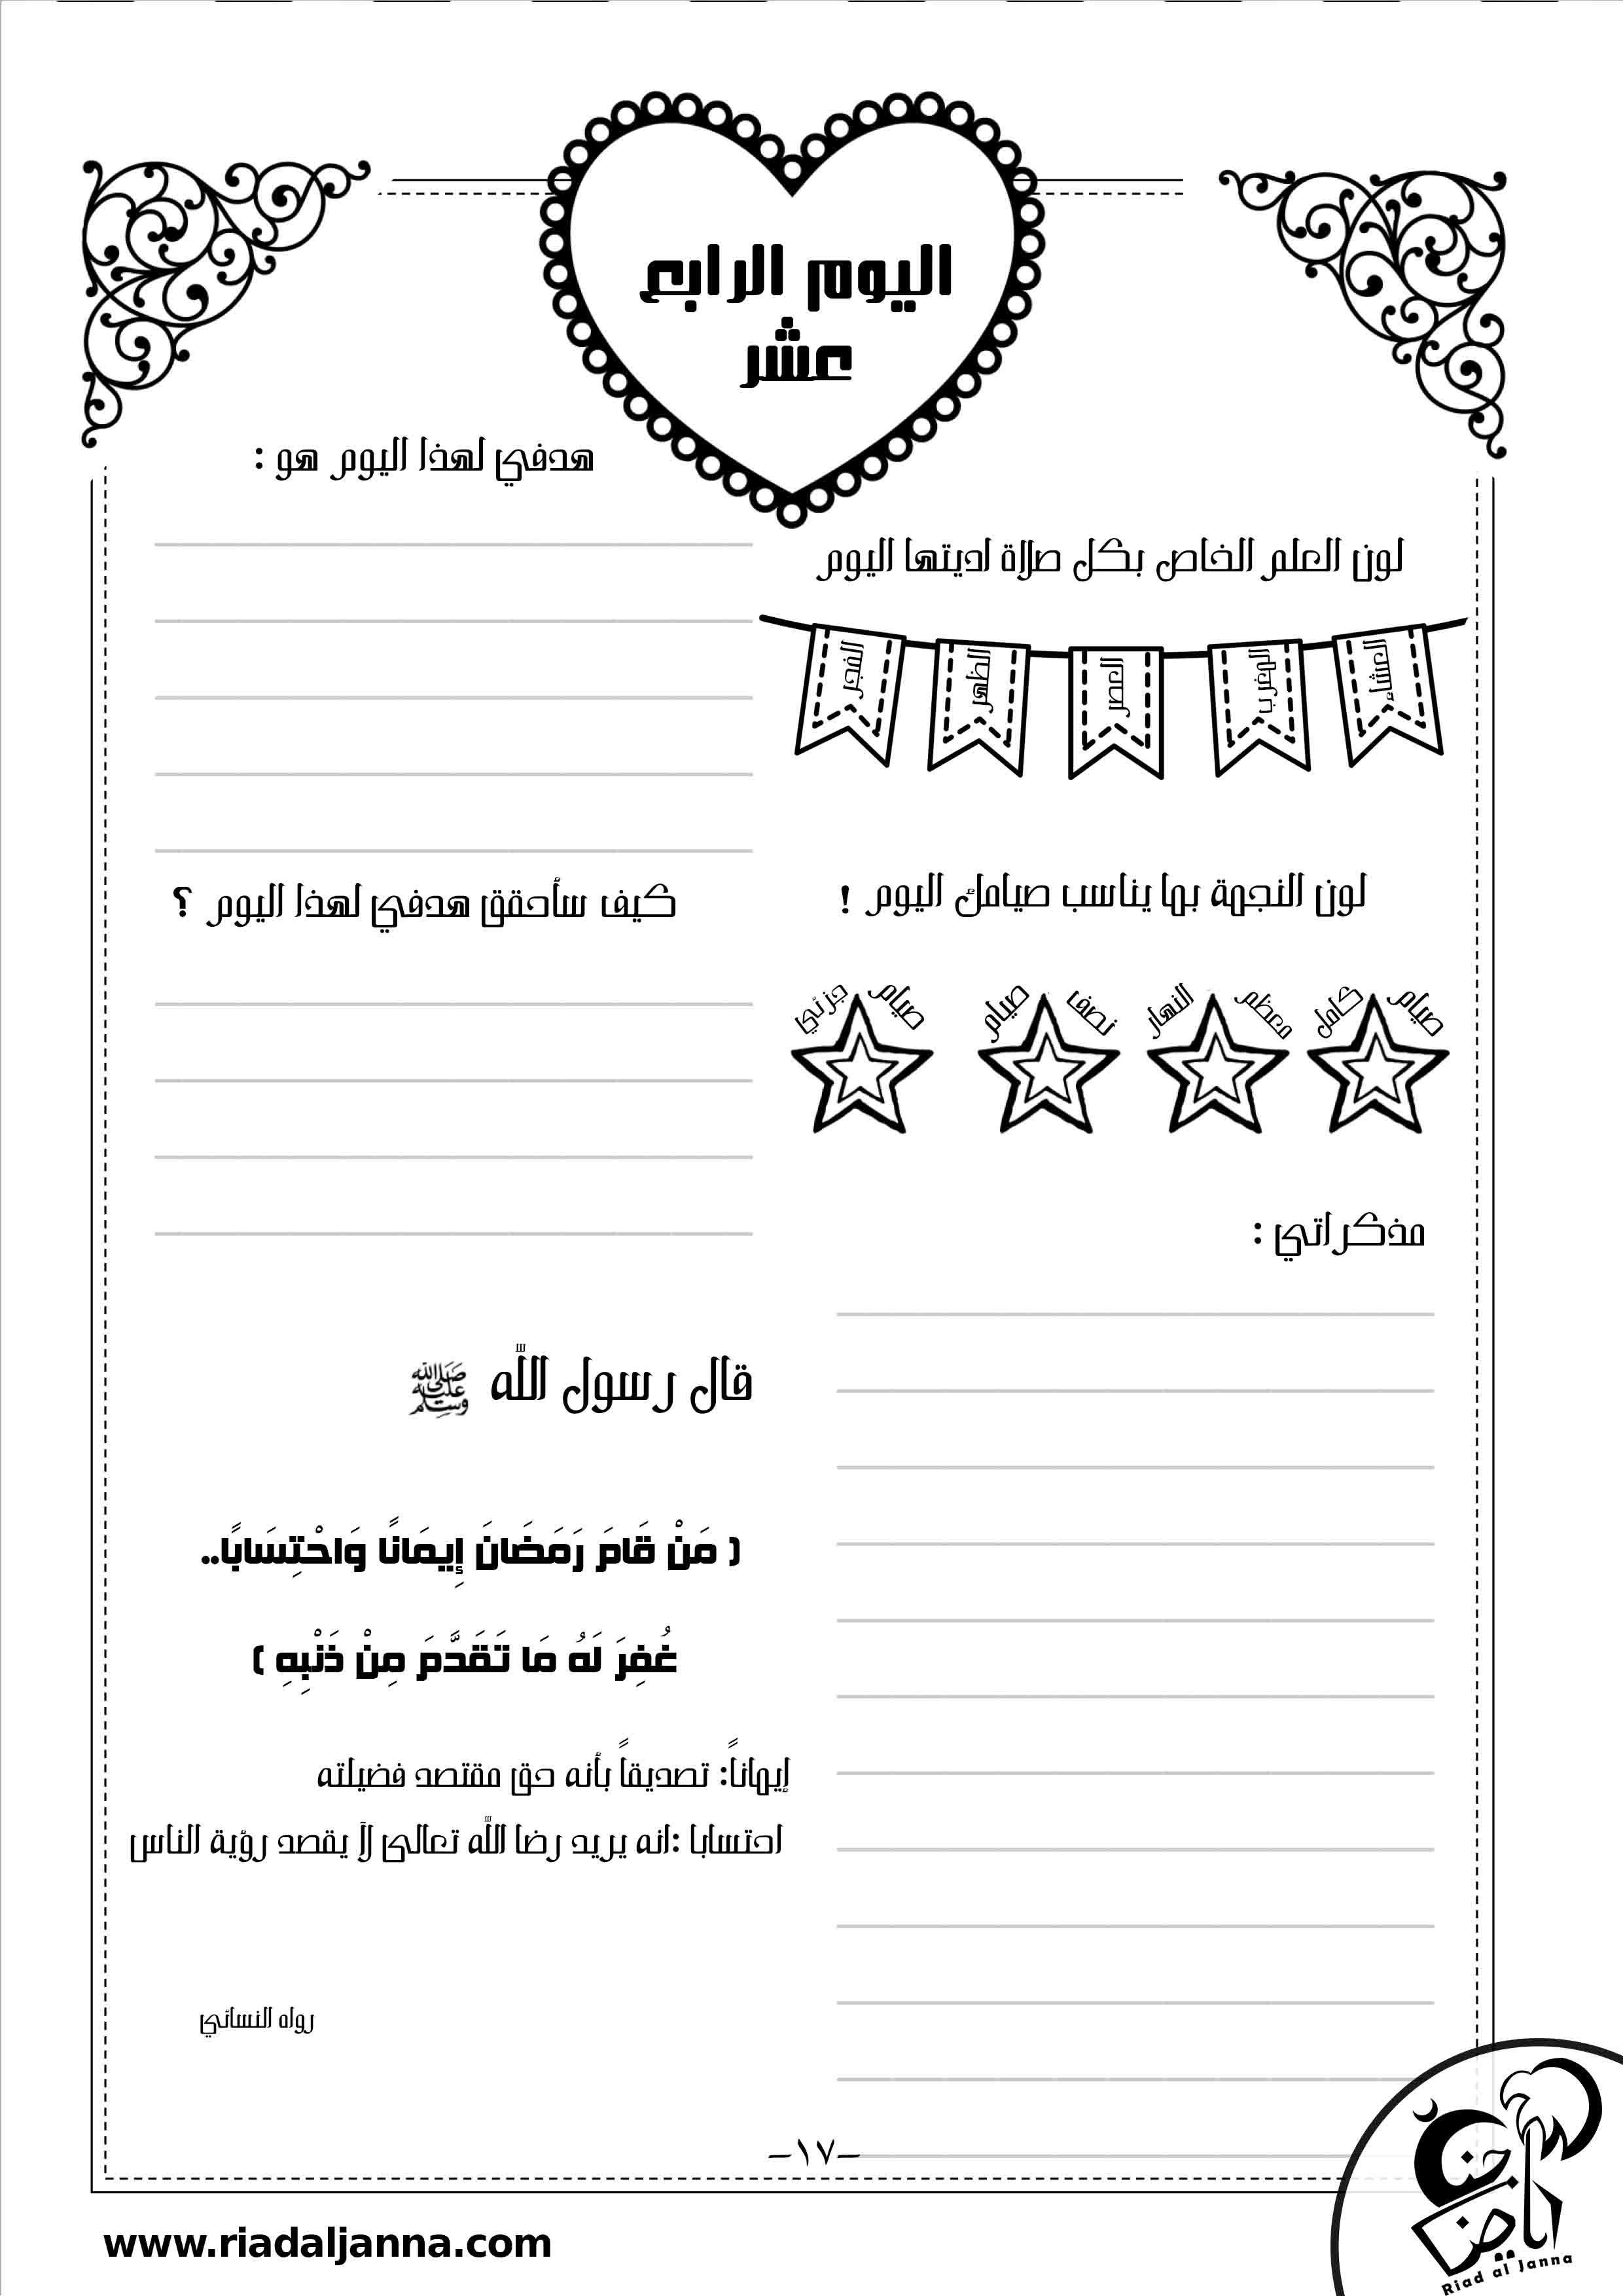 مذكراتي الرمضانية دفتر شهر رمضان لليافعين رياض الجنة Print Planner Ramadan Activities Weekly Planner Printable